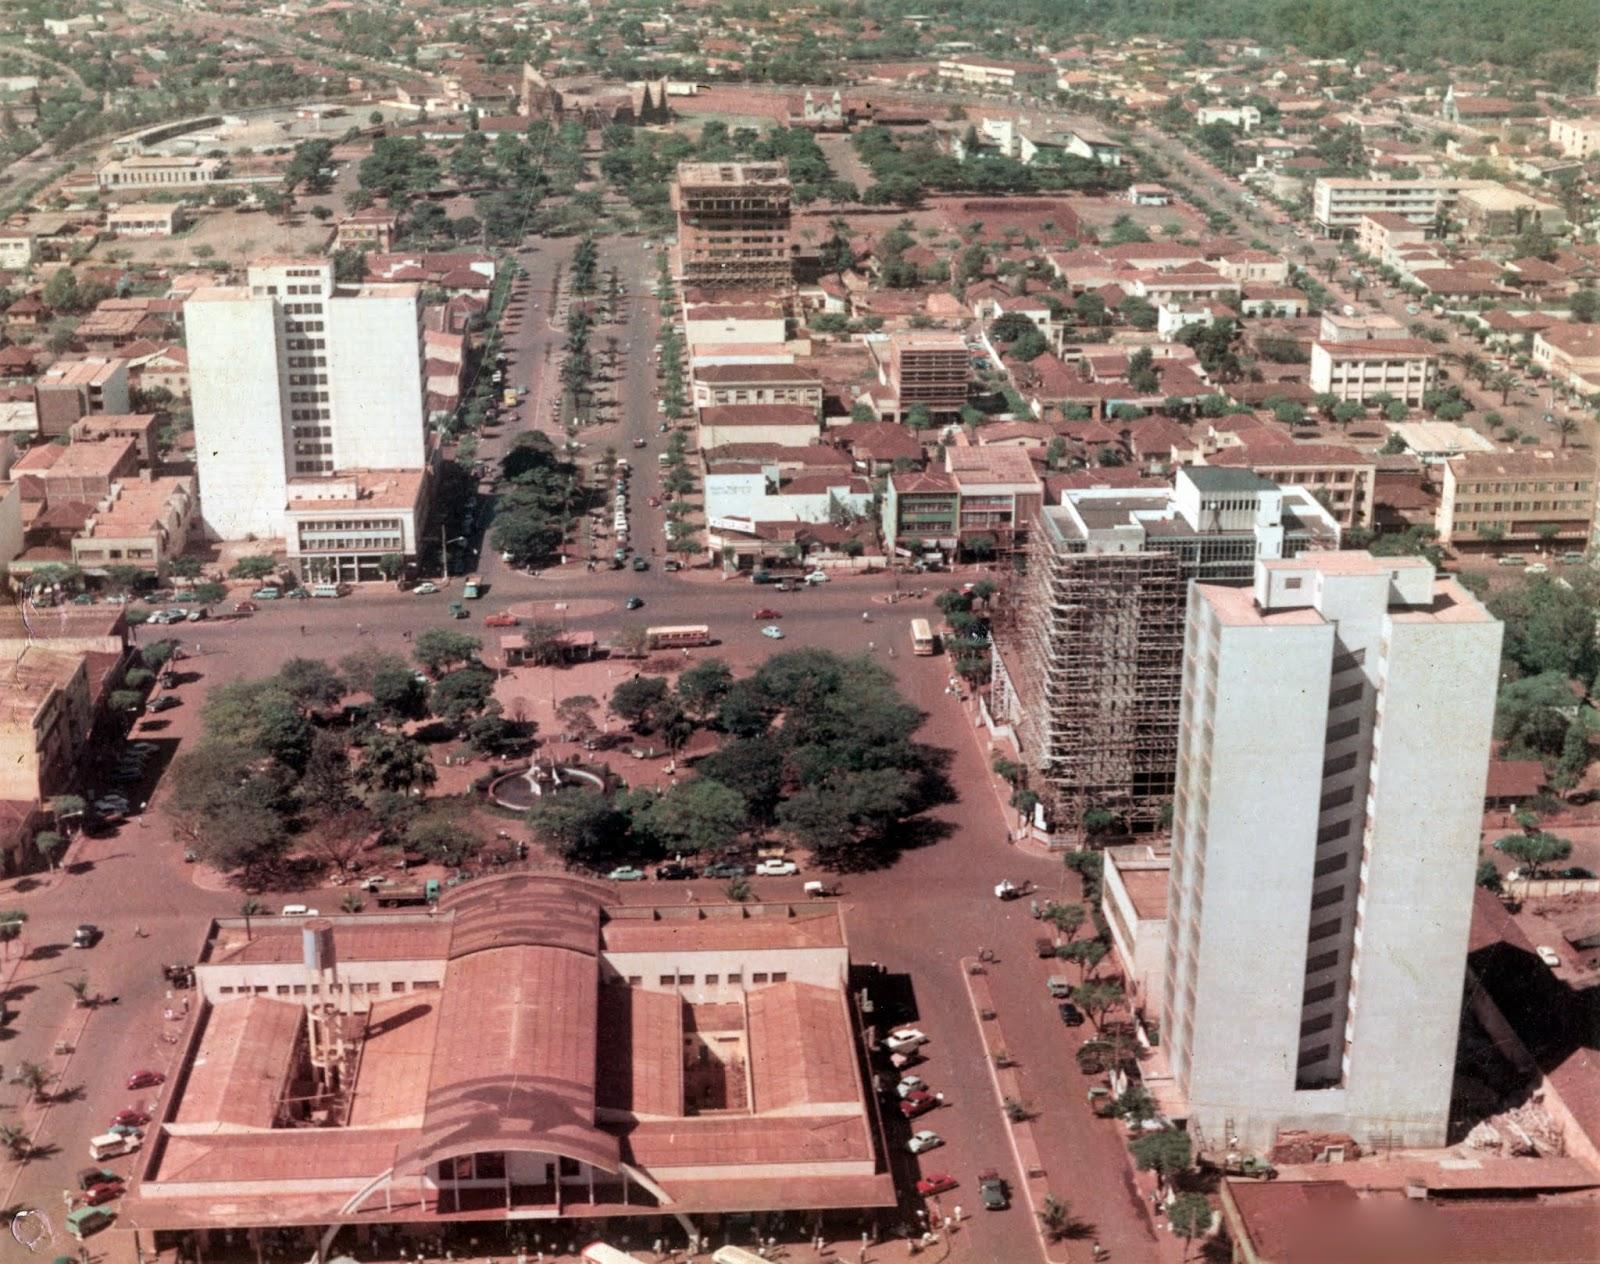 Vista aérea da região central - Década de 1960